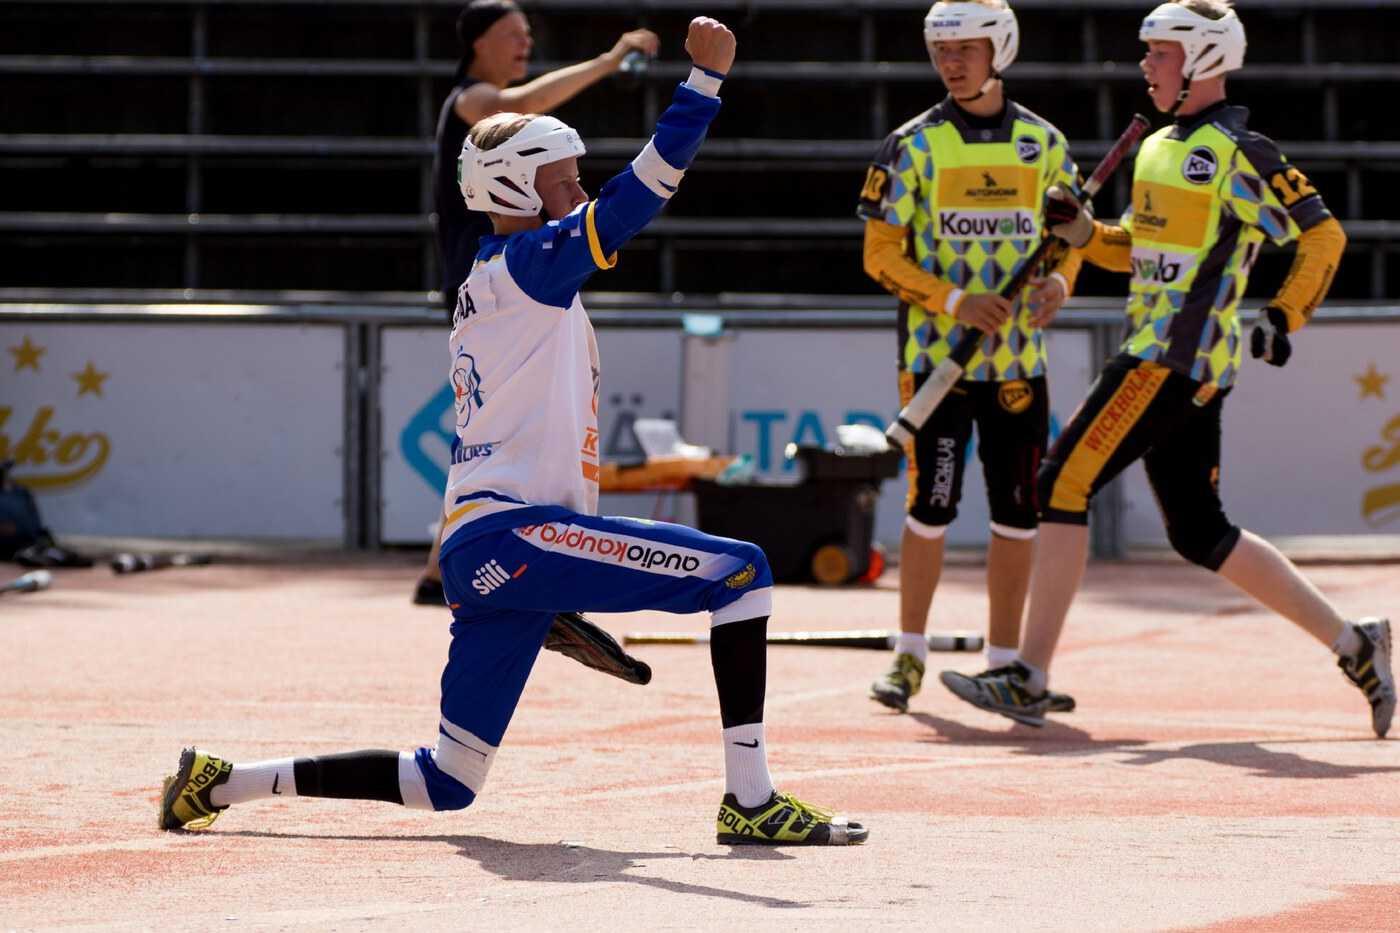 Palo! Kuva: Oulun Lippo Juniorit